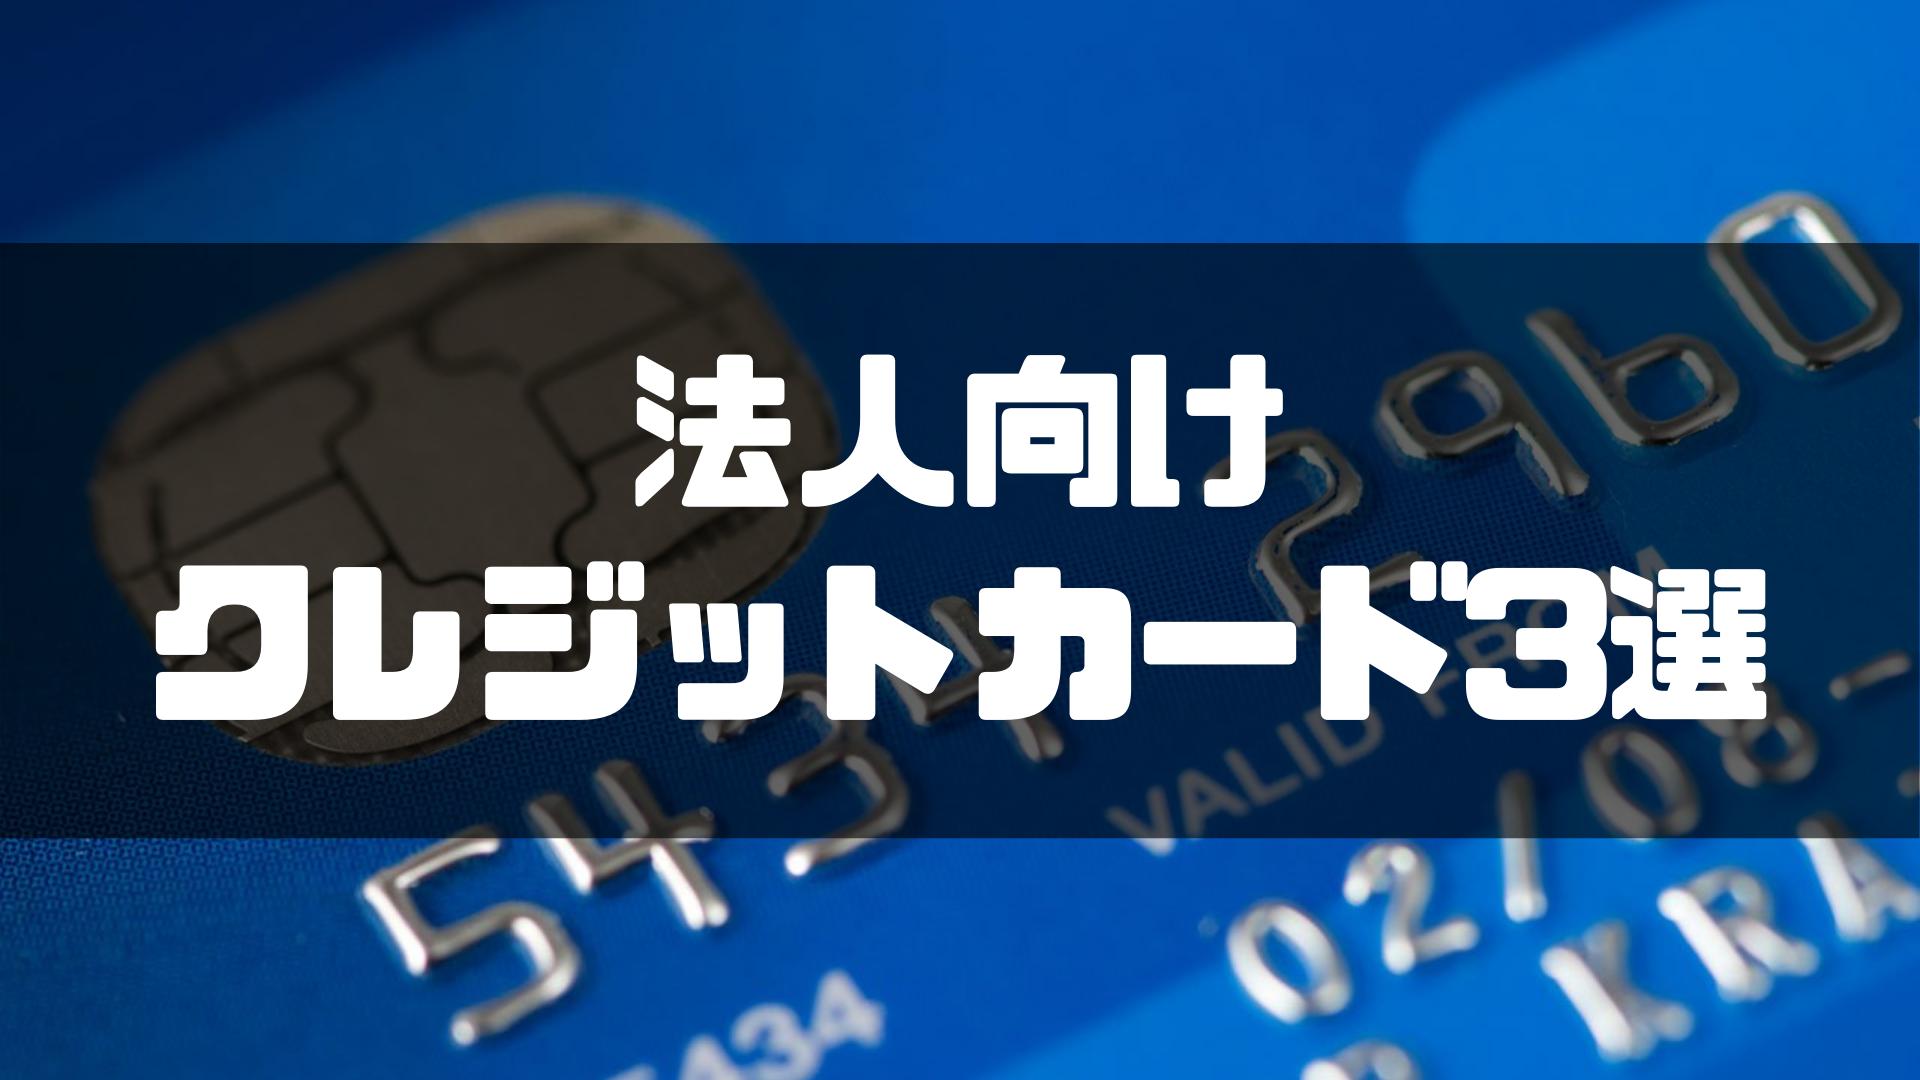 クレジットカード_法人向け